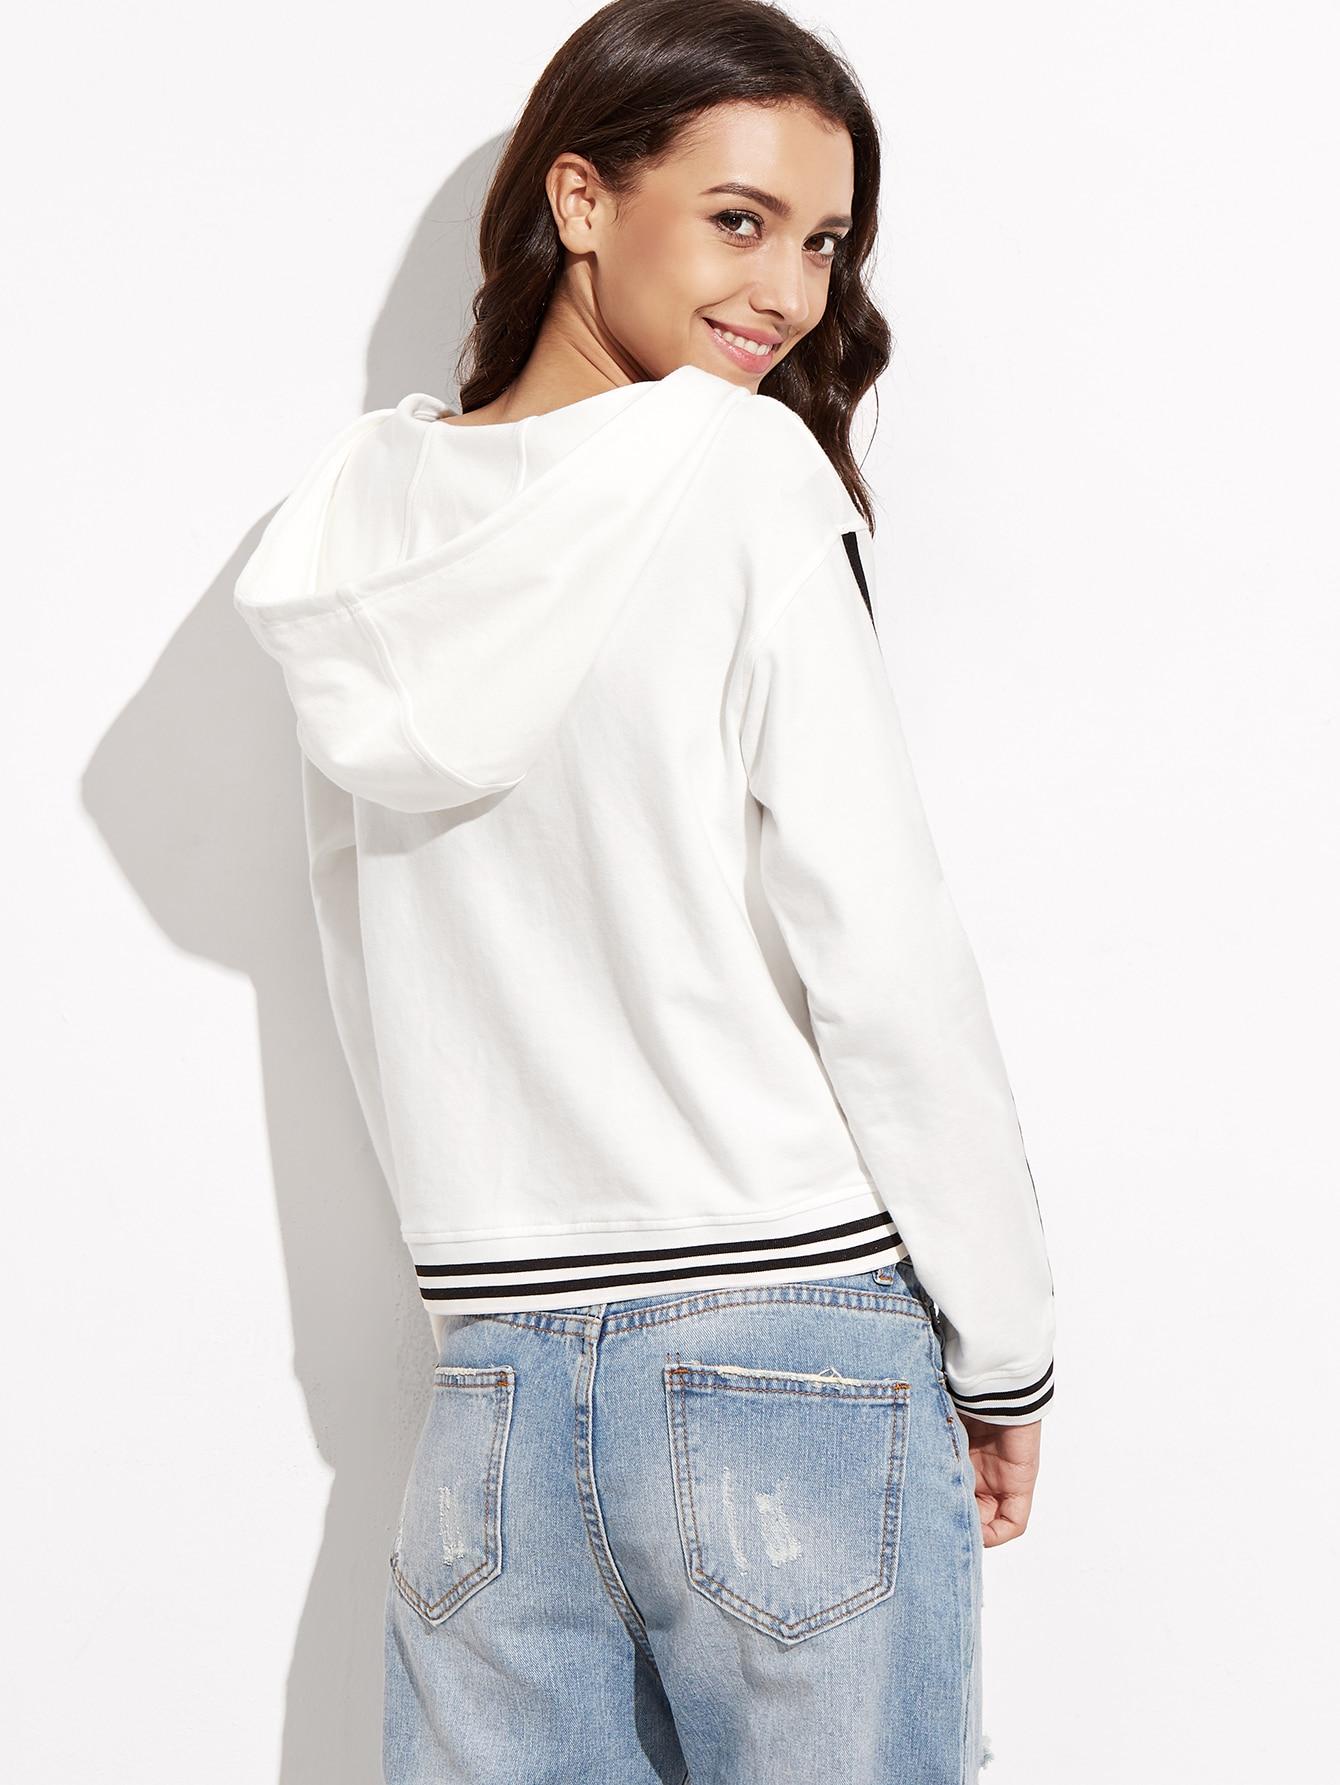 sweatshirt160830501_2